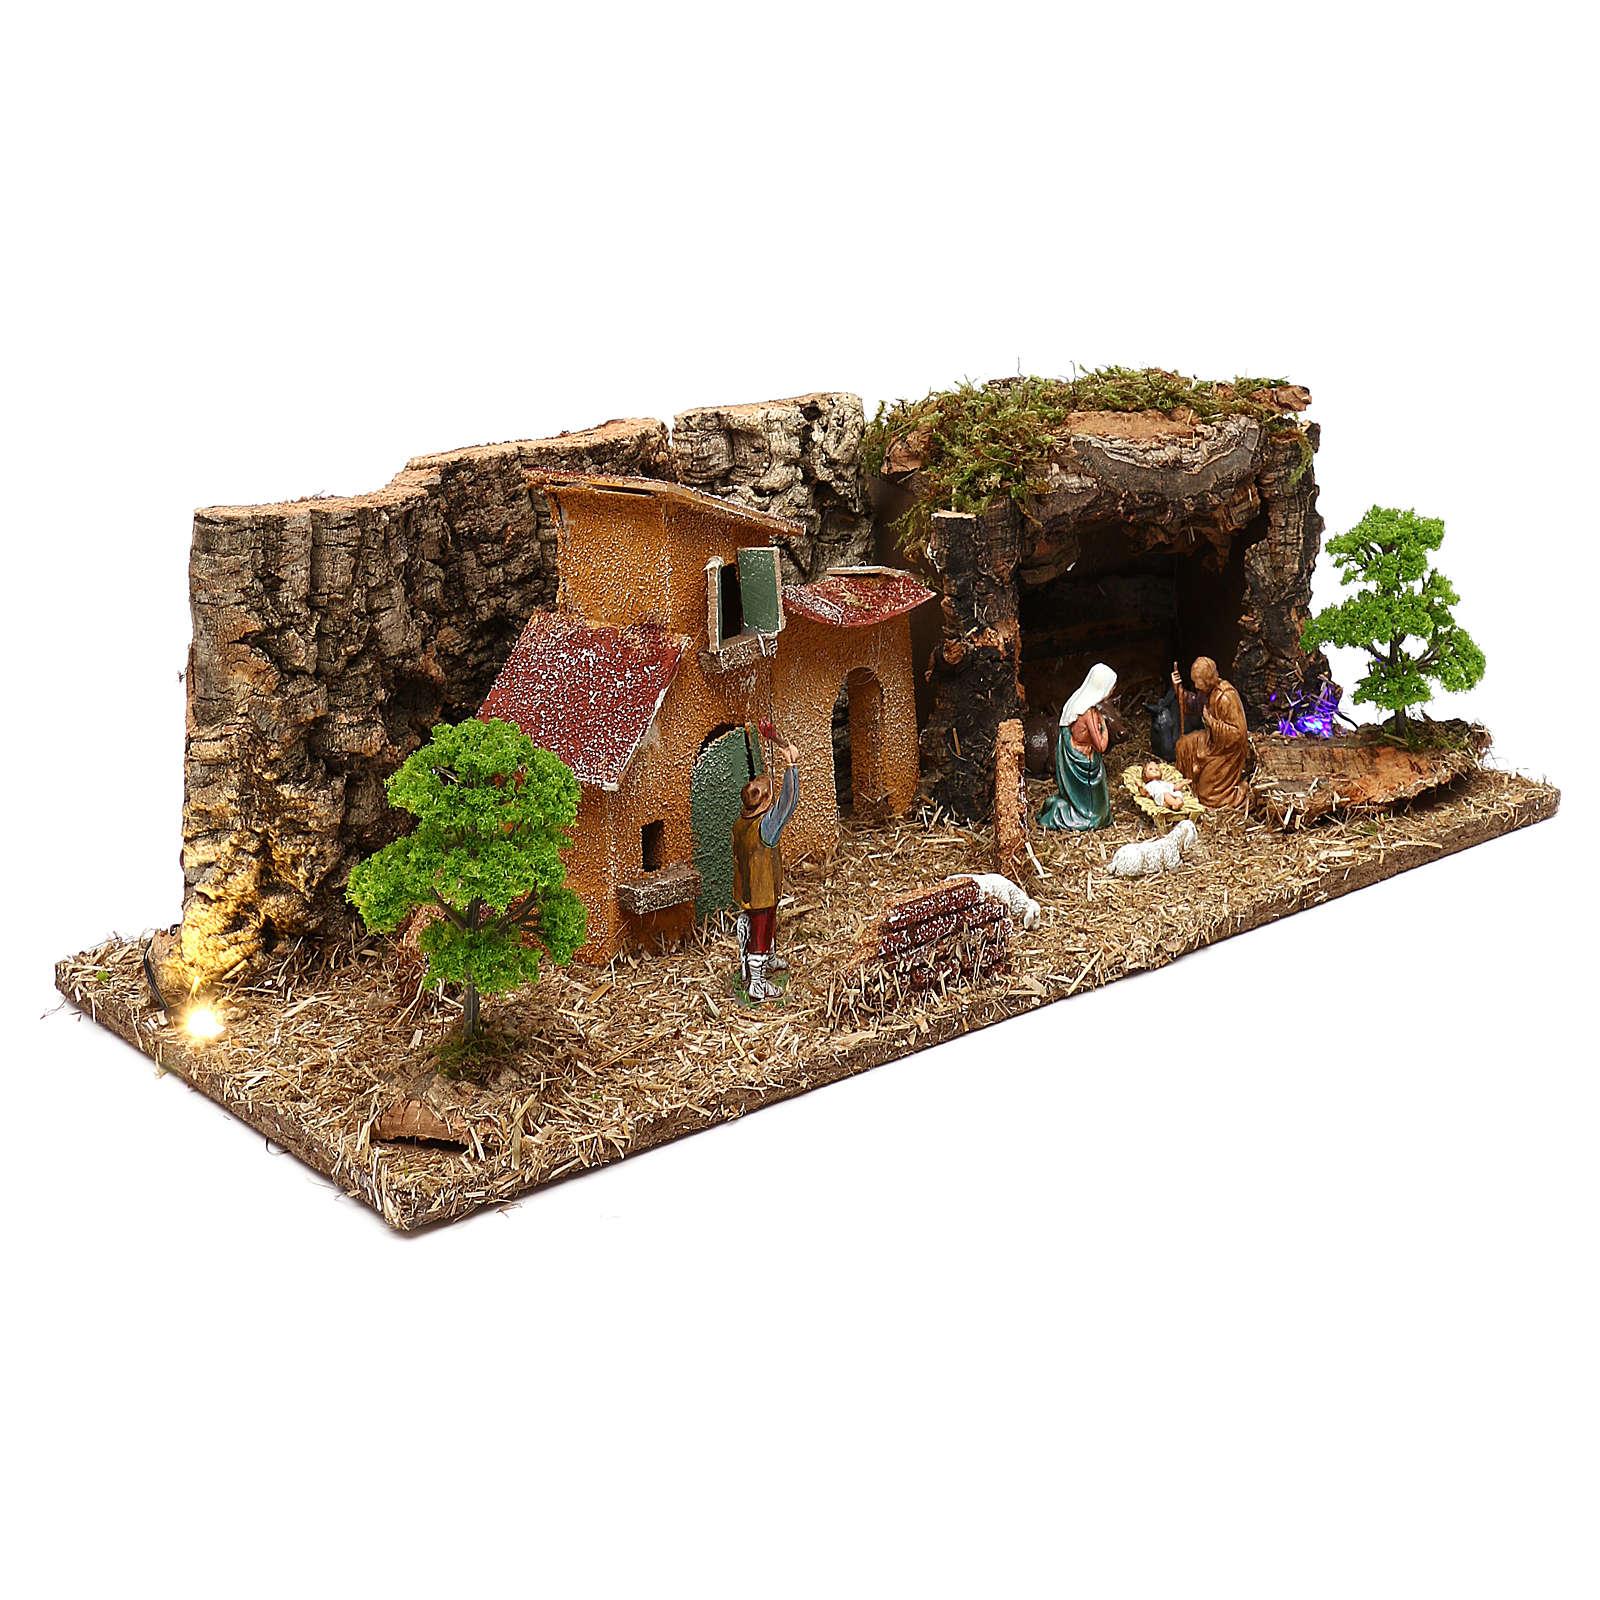 Cueva con casitas y natividad belén 7 cm 4